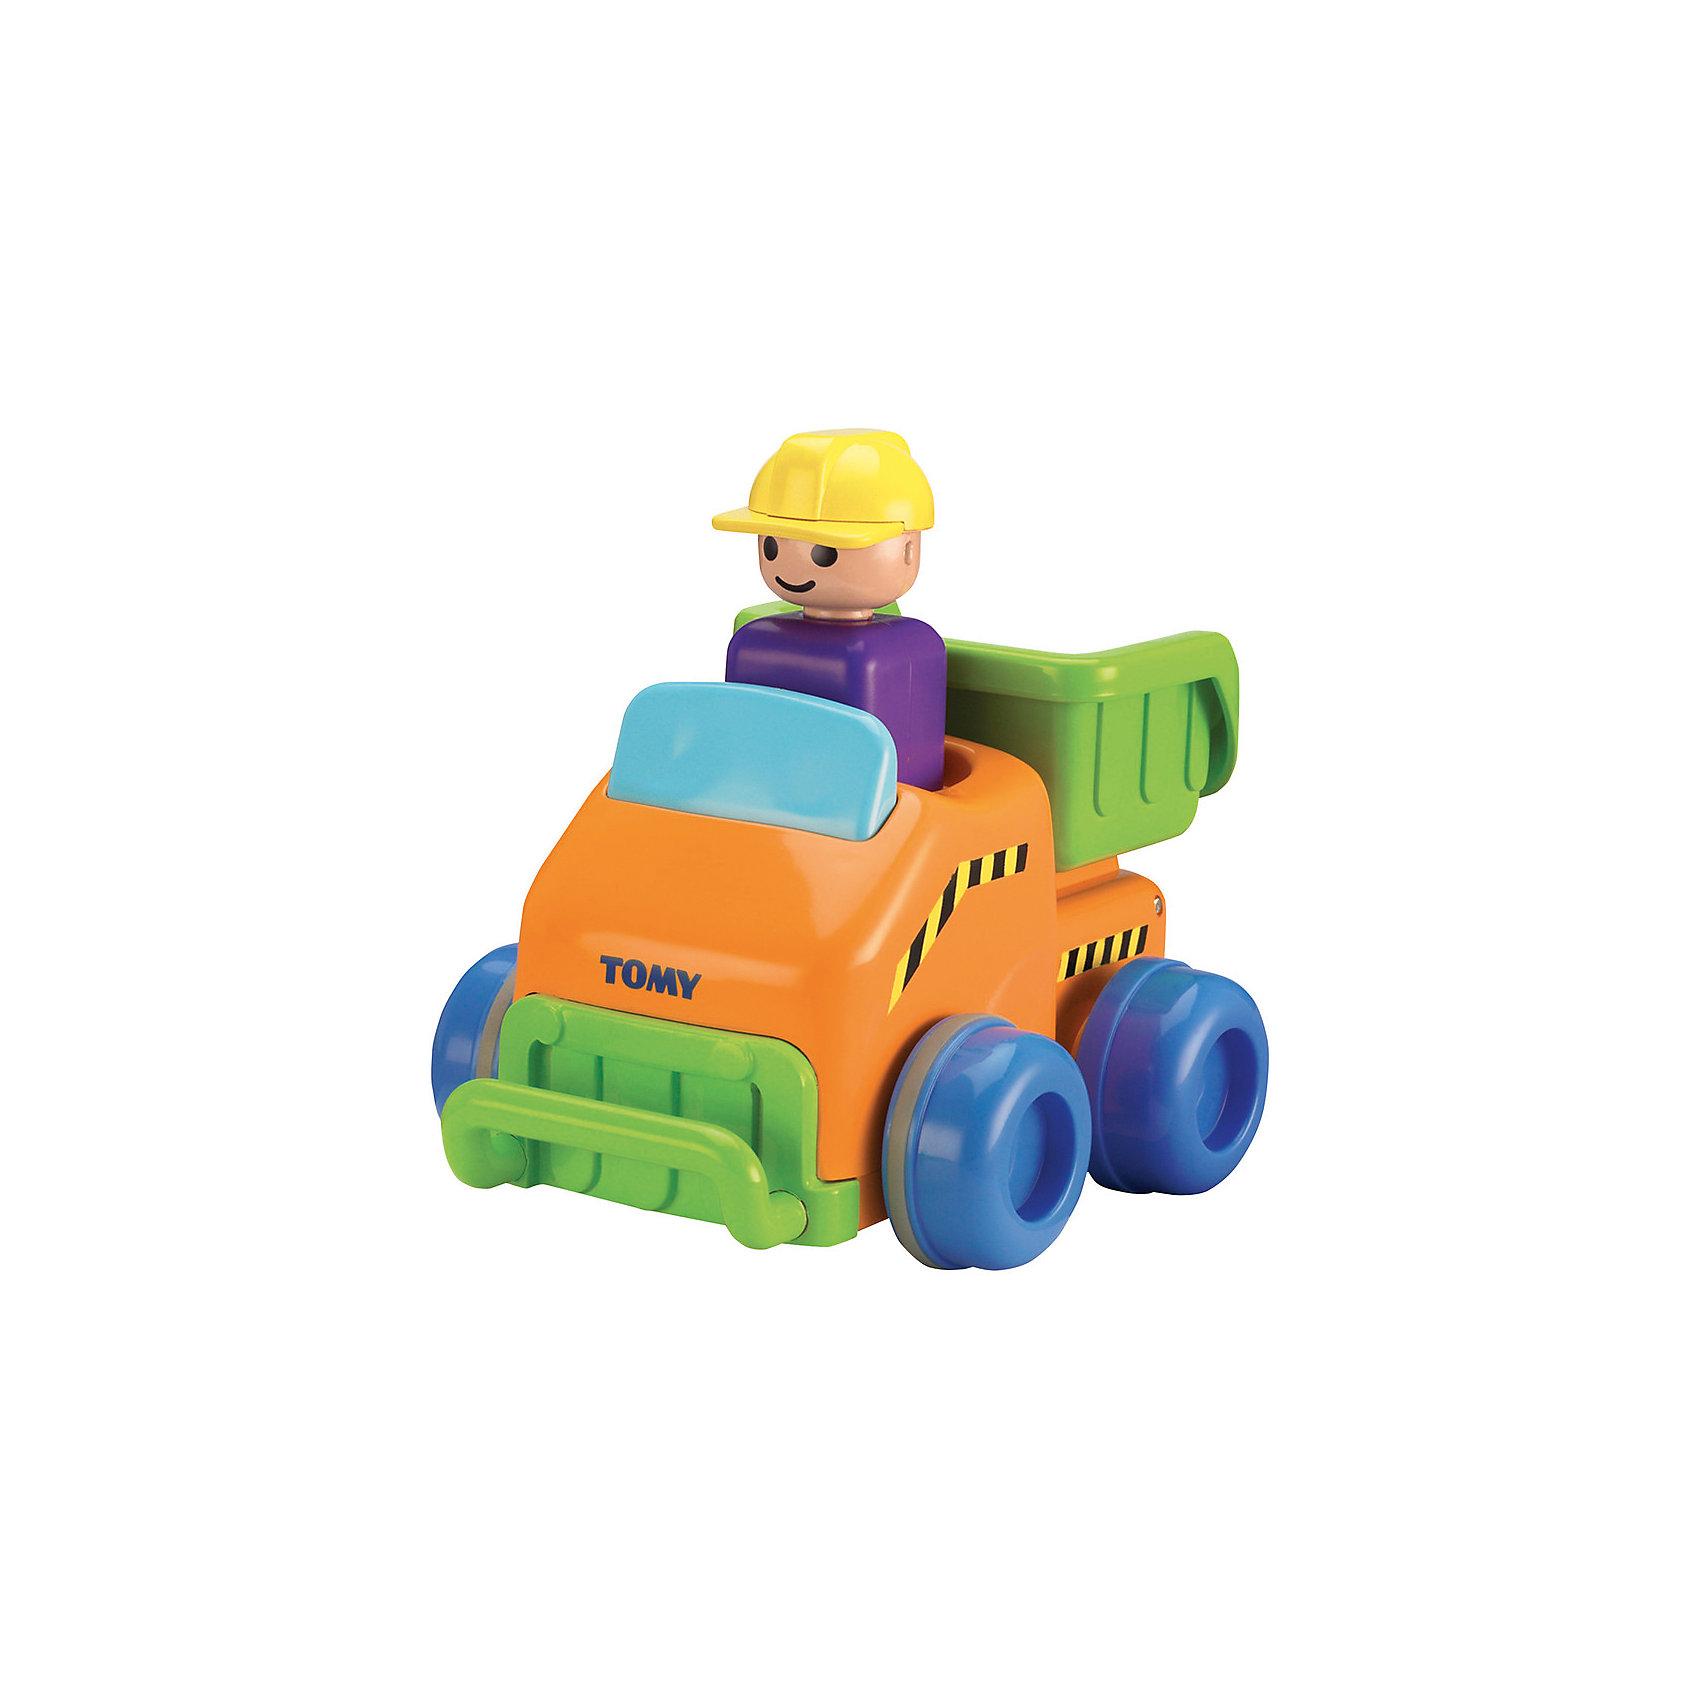 Грузовичок Нажимай и гоняй, TOMYМашинки и транспорт для малышей<br>Грузовичок Нажимай и гоняй, TOMY (Томи). <br><br>Характеристика:<br><br>• Материал: пластик, металл. <br>• Размер упаковки: 21x12x17 см. <br>• Подвижные колеса. <br>• Если нажать на голову водителя, машина поедет вперед. <br>• Яркий привлекательный дизайн. <br>• Не имеет острых углов. <br>• Развивает моторику, цветовосприятие. <br><br>Яркий грузовичок обязательно привлечет внимание малышей и сделает игры крохи еще интереснее и веселее. Стоит только нажать на шлем водителя, как машинка быстро поедет вперед. Игрушка выполнена из высококачественных нетоксичных материалов, не имеет острых углов, абсолютно безопасна для детей. <br><br>Грузовичок Нажимай и гоняй, TOMY (Томи), можно купить в нашем интернет-магазине.<br><br>Ширина мм: 120<br>Глубина мм: 210<br>Высота мм: 170<br>Вес г: 80<br>Возраст от месяцев: 12<br>Возраст до месяцев: 60<br>Пол: Мужской<br>Возраст: Детский<br>SKU: 5361380